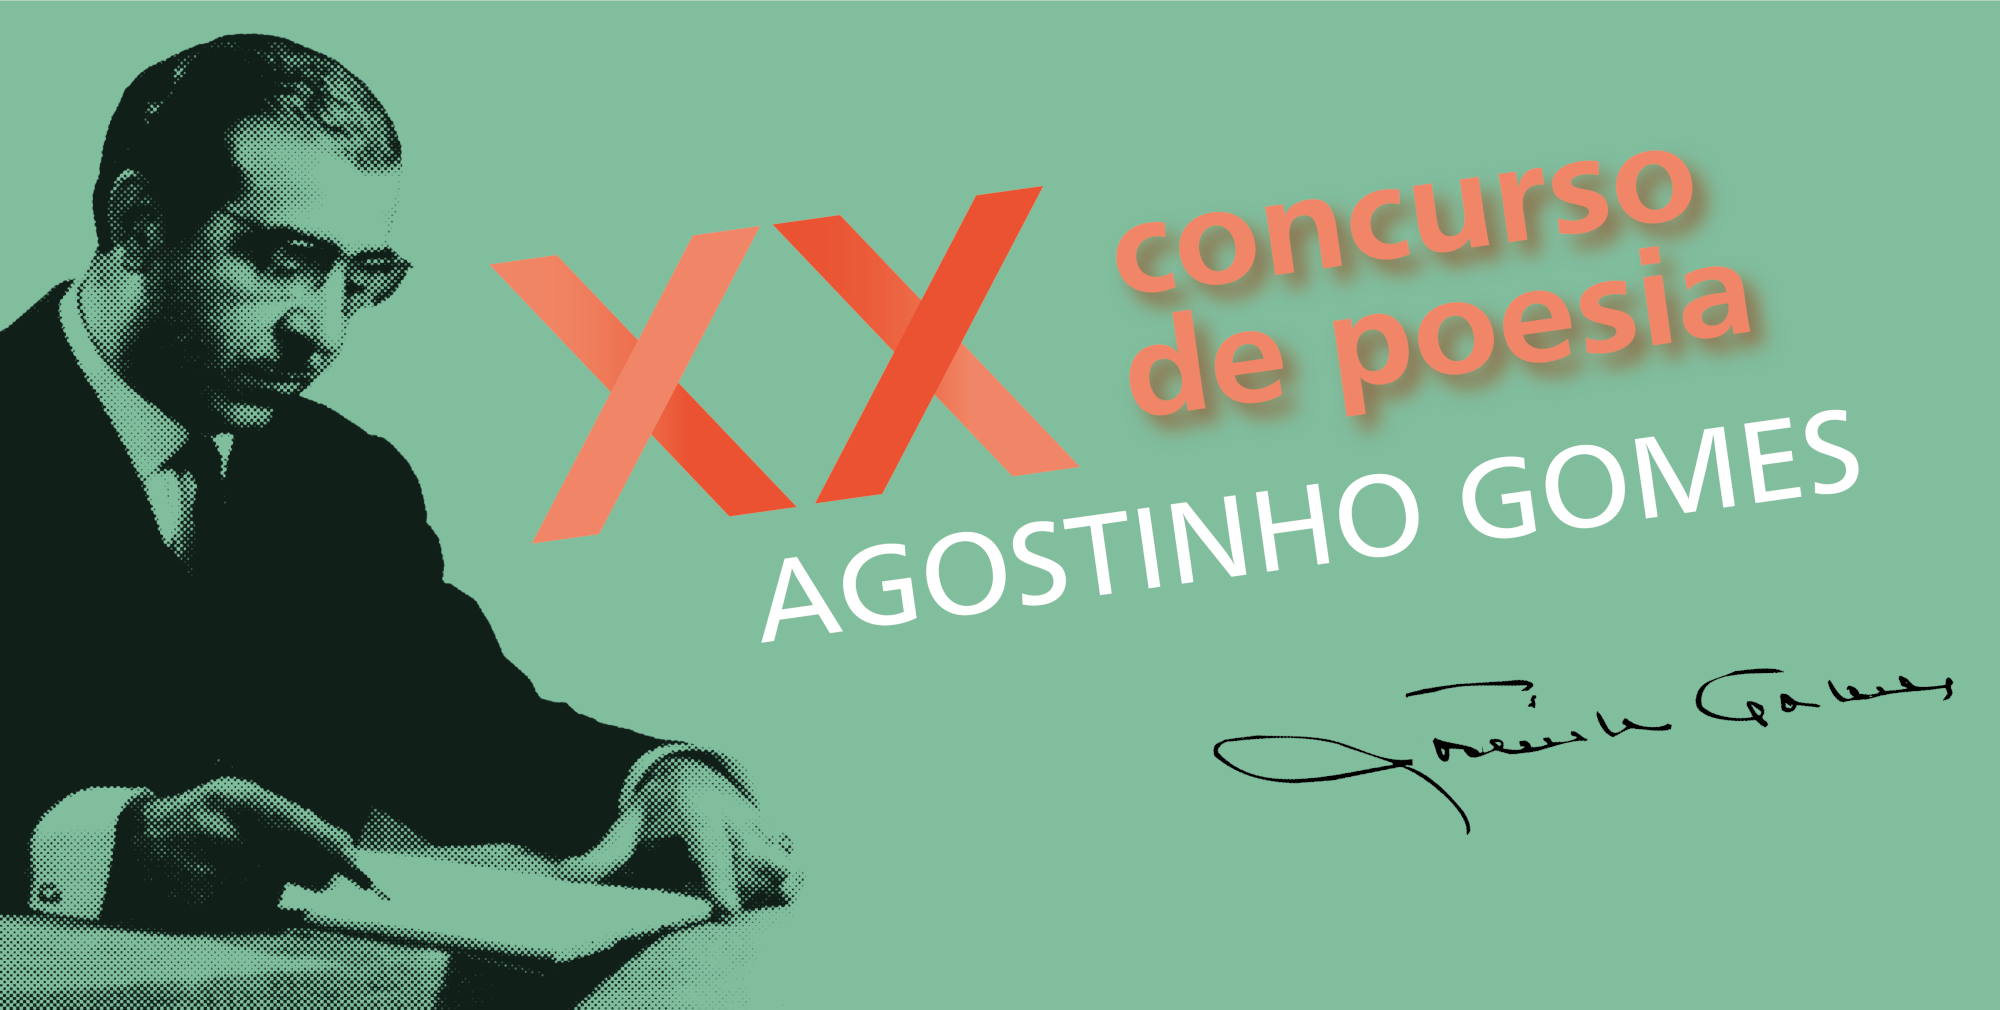 XX concurso